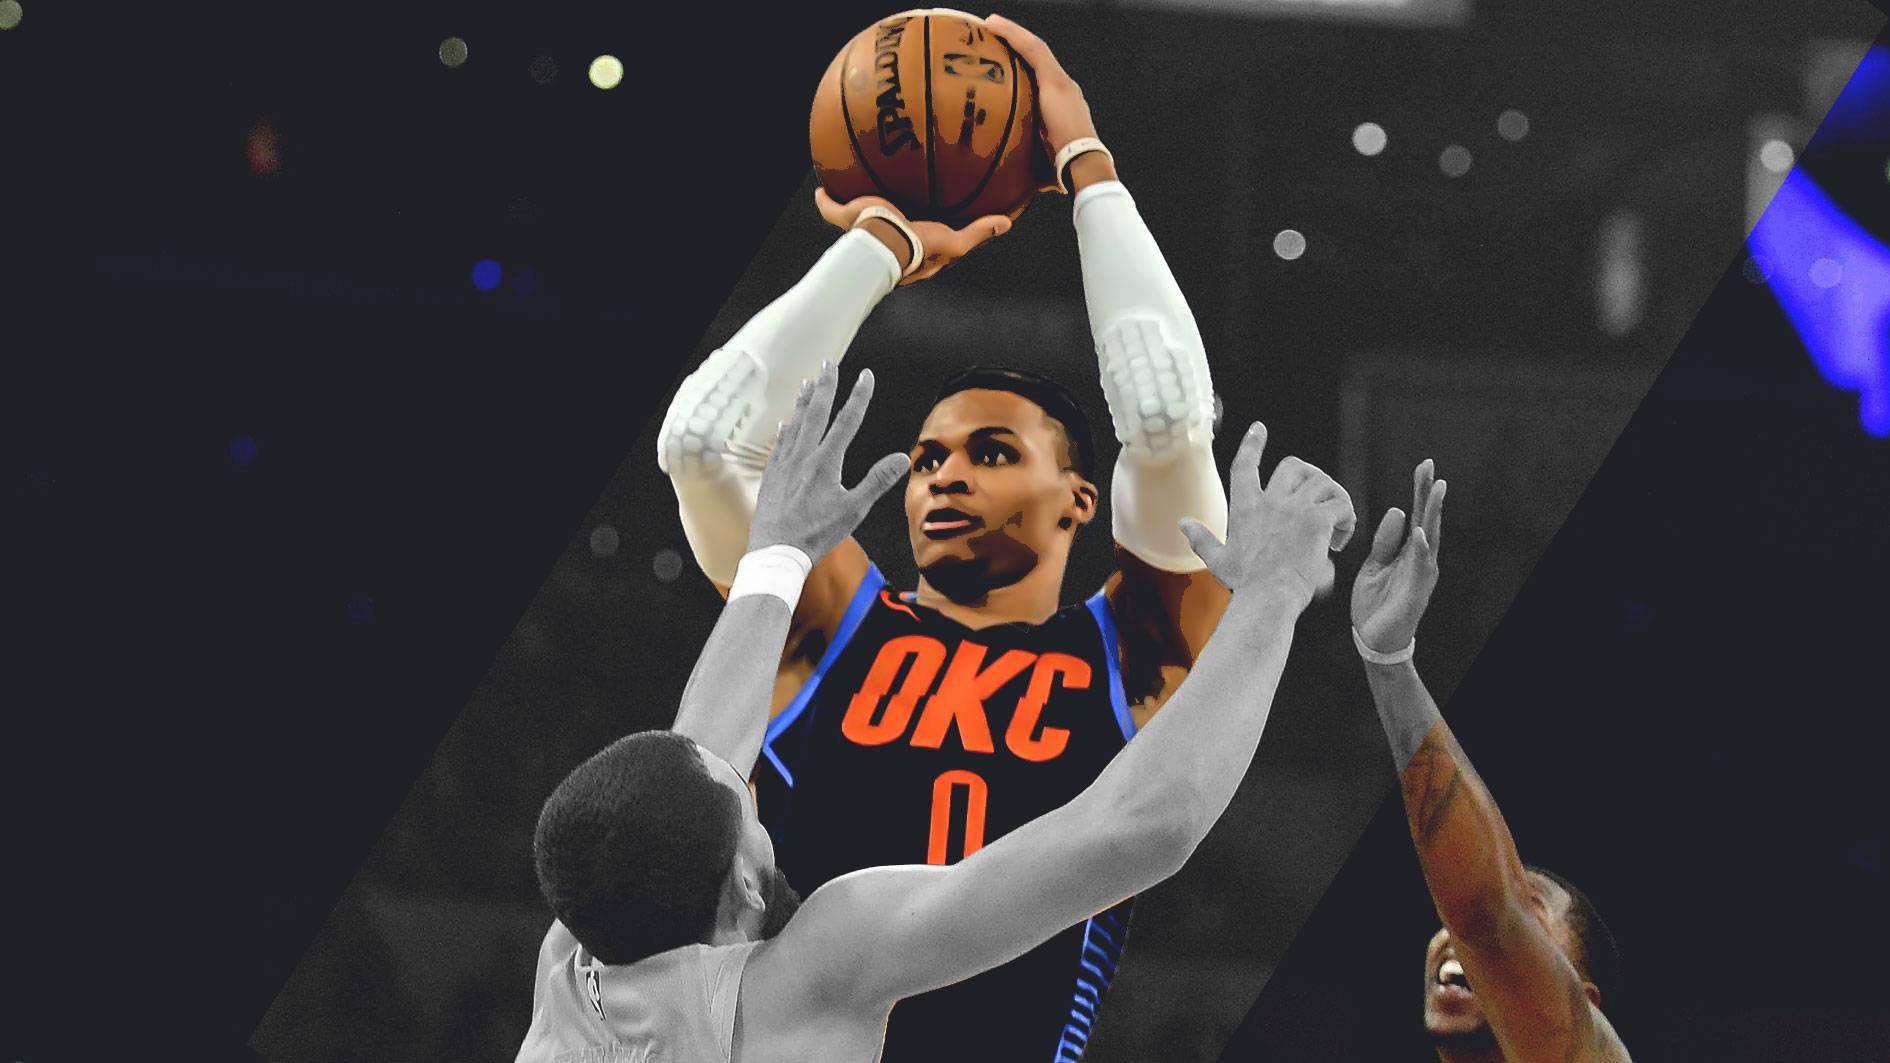 Ponturi NBA –  Se va descatusa Russell Westbrook in seara aceasta? – 07-04-2018